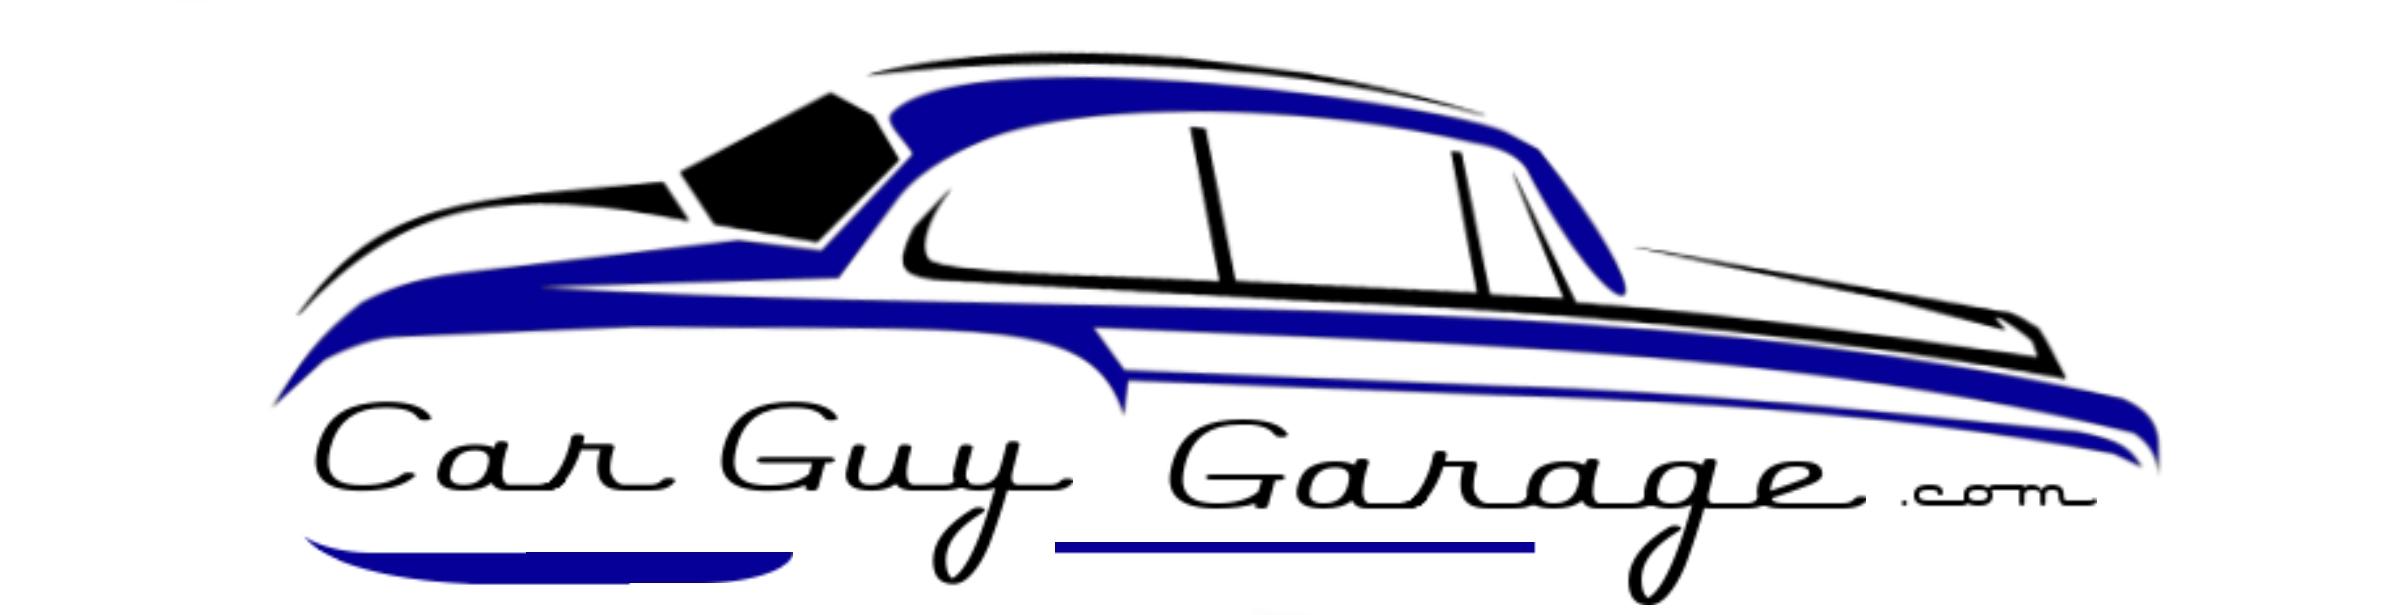 cgg-logo-2400x615.jpg